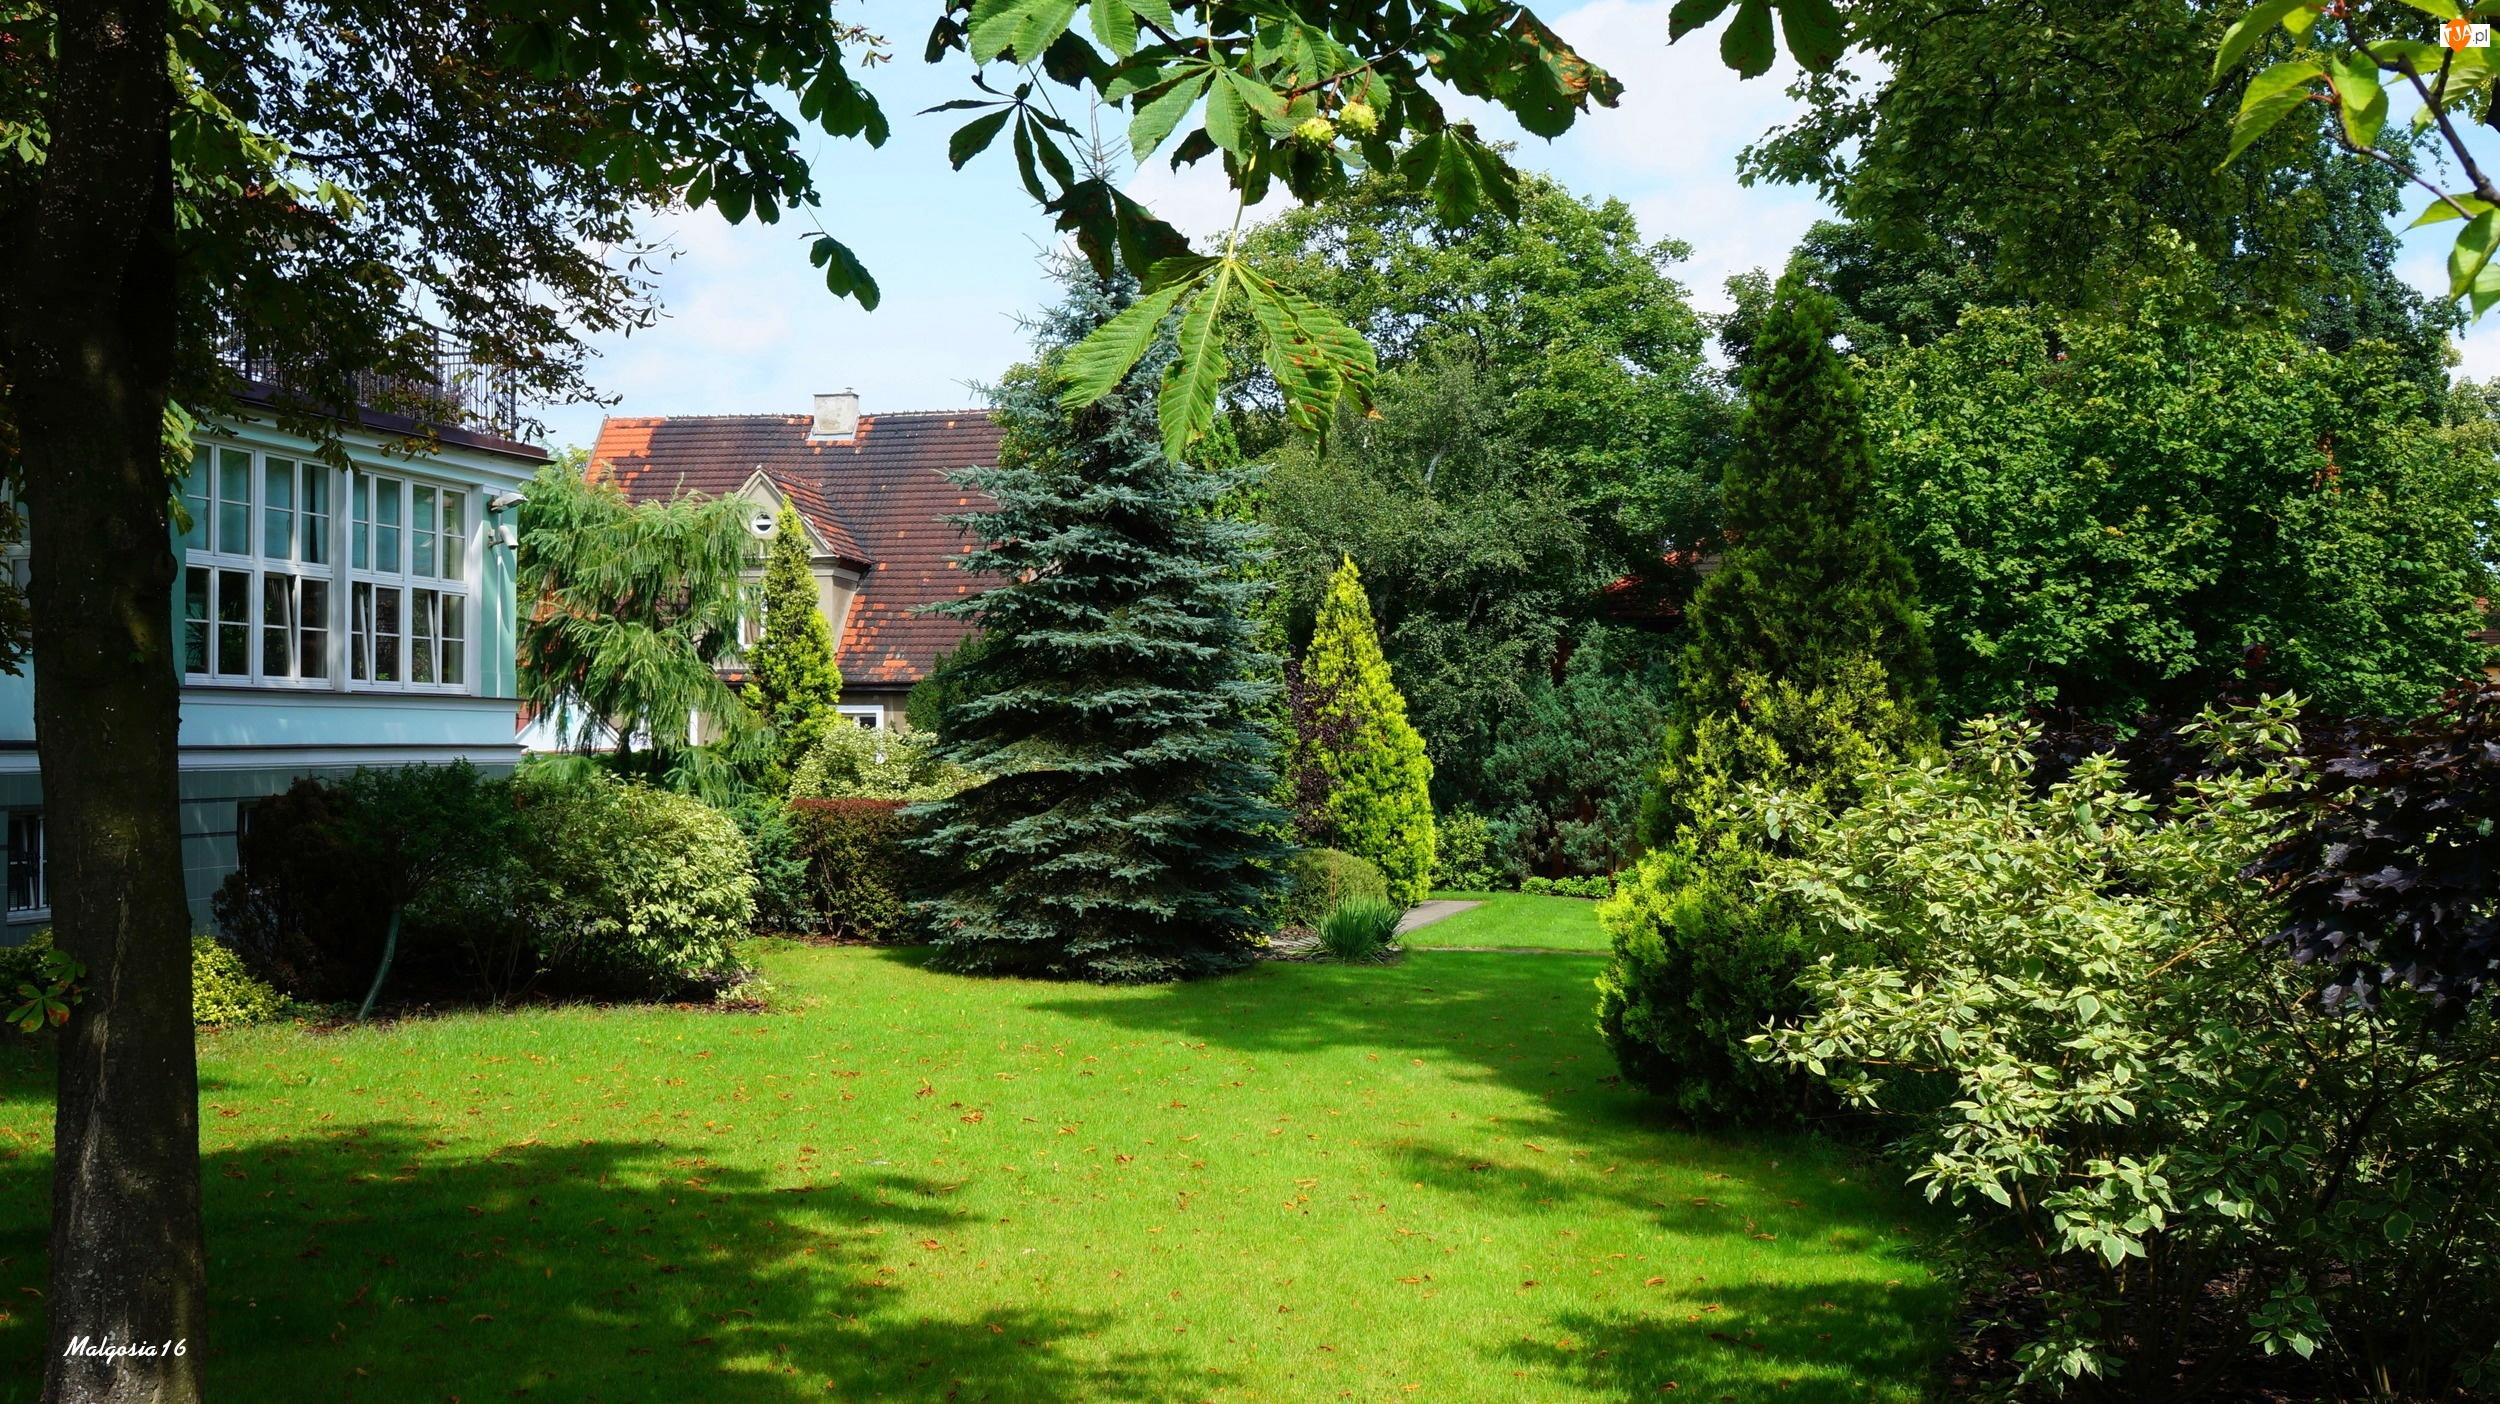 Ogród, Trawnik, Drzewa, Zieleń